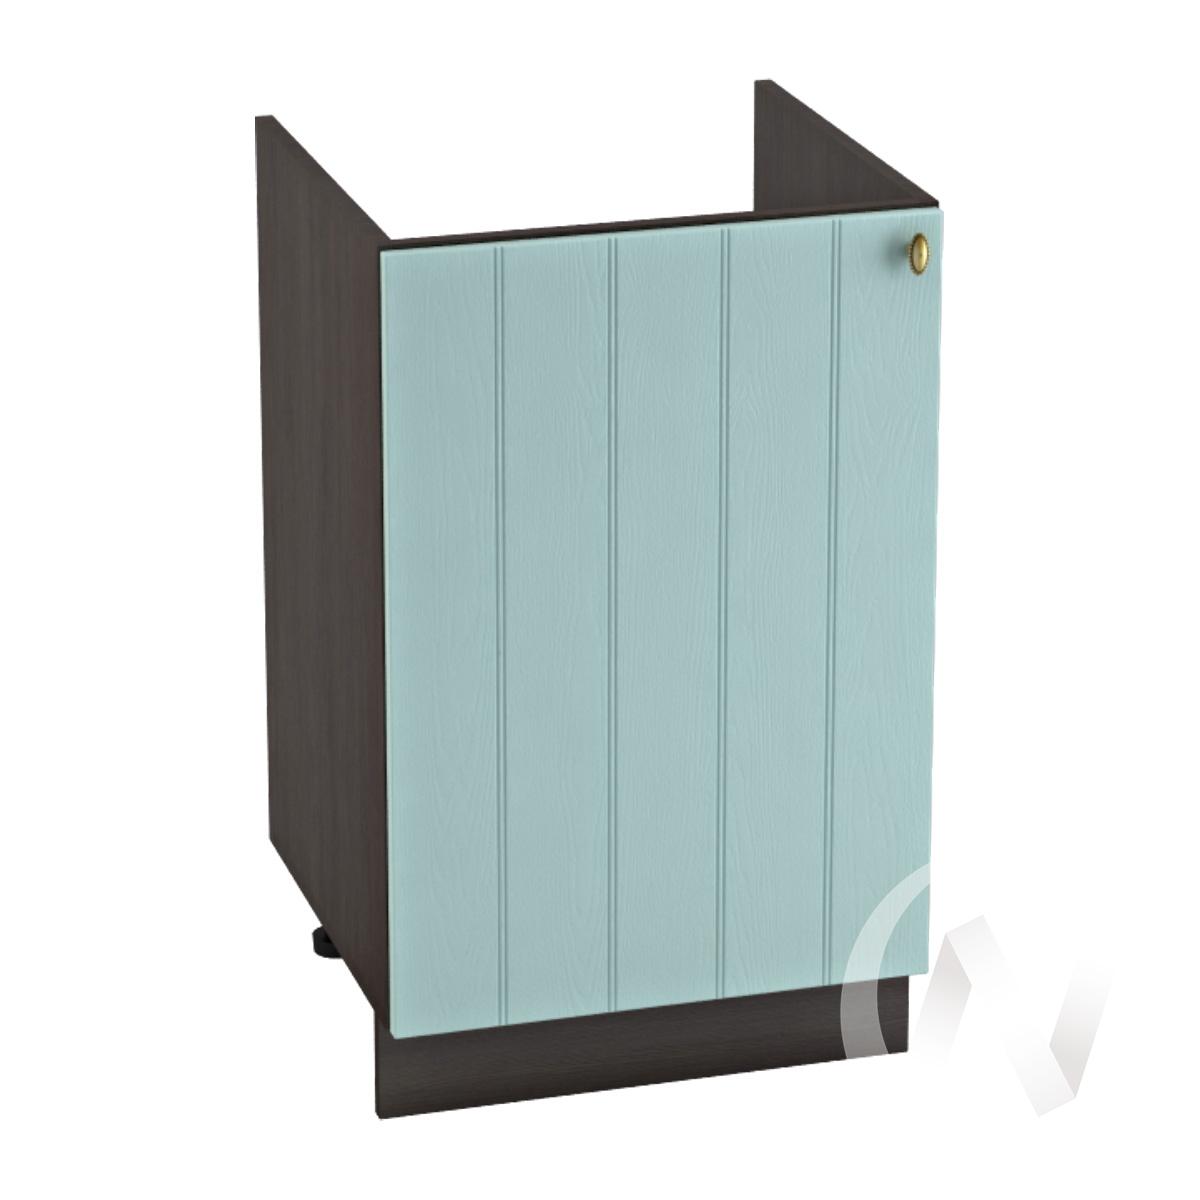 """Кухня """"Прованс"""": Шкаф нижний под мойку 500, ШНМ 500 (голубой/корпус венге)"""